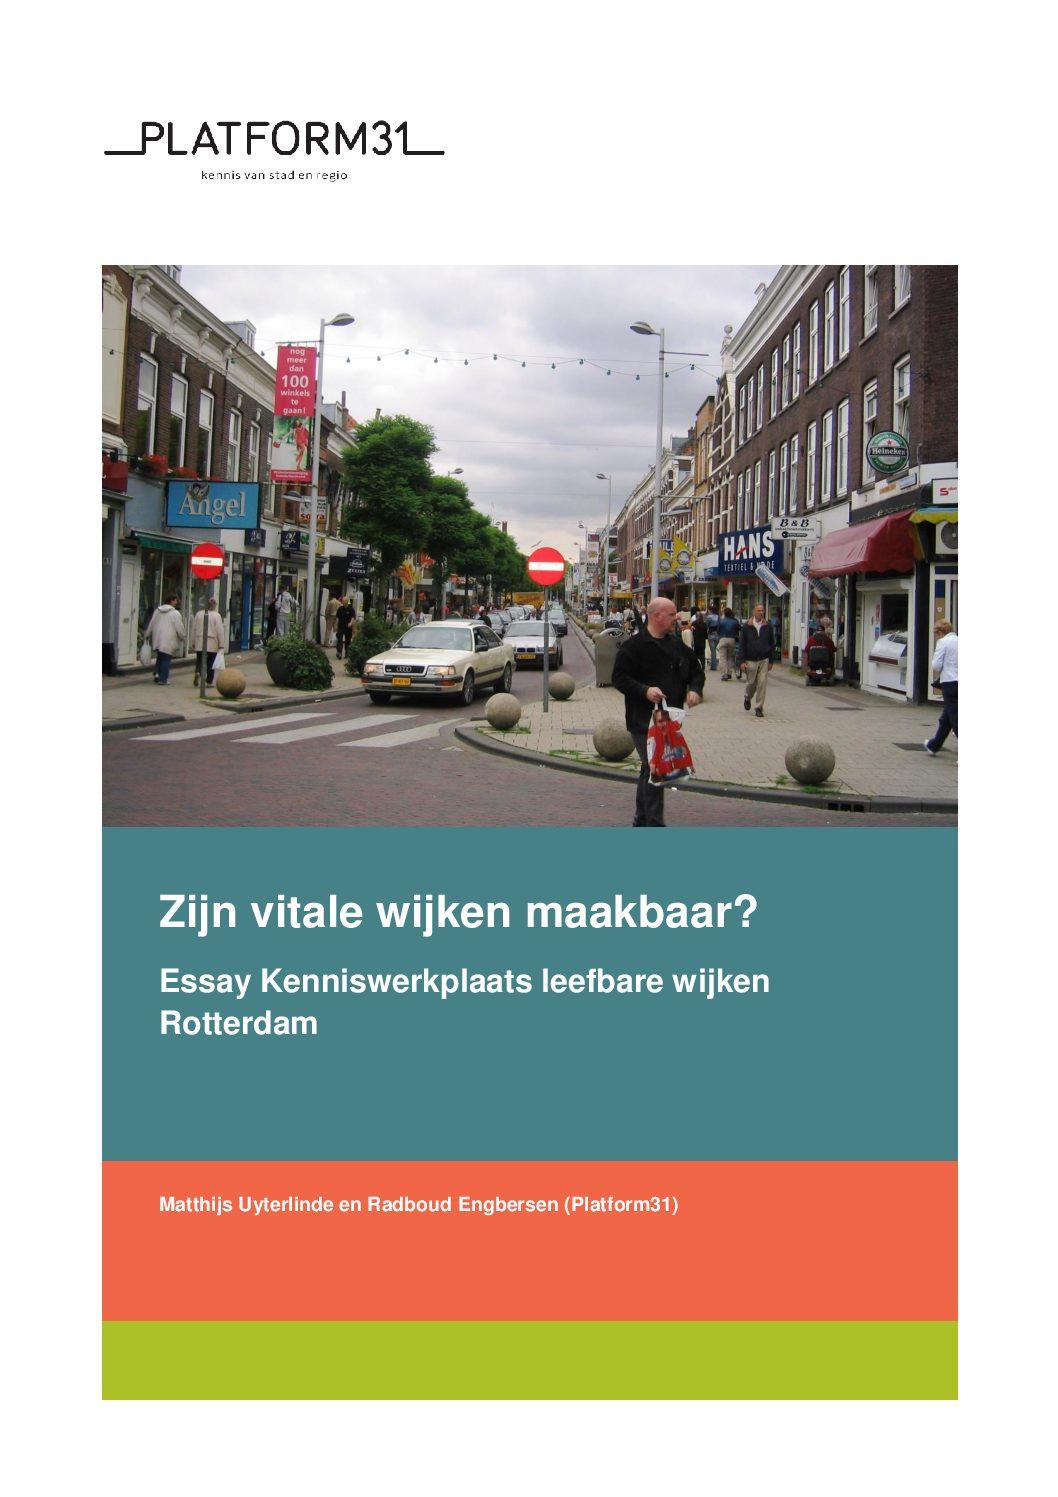 Zijn vitale wijken maakbaar?